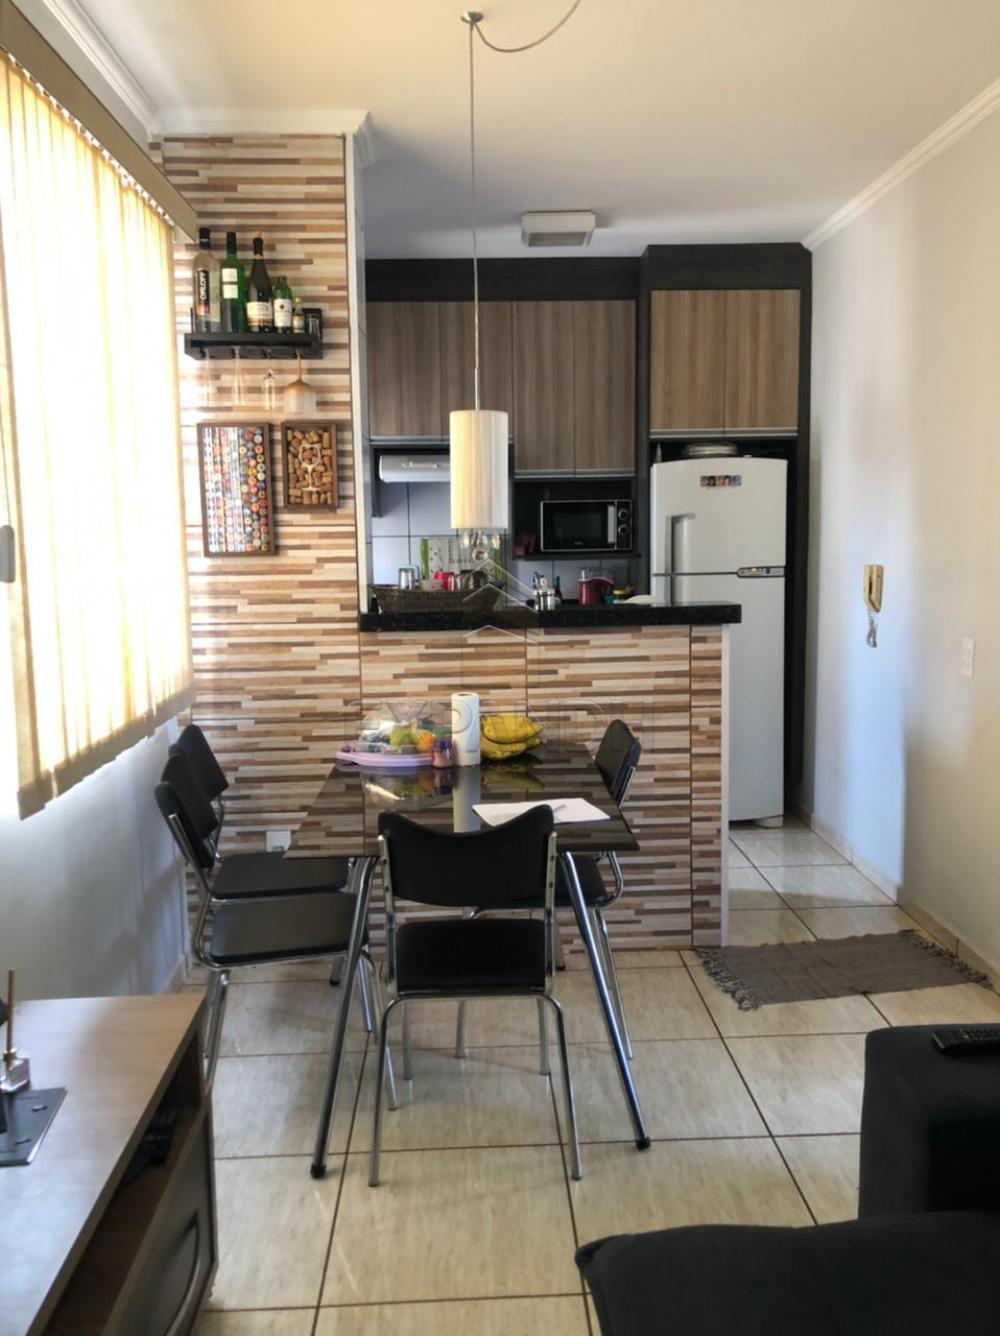 Comprar Apartamentos / Padrão em Sertãozinho R$ 140.000,00 - Foto 2